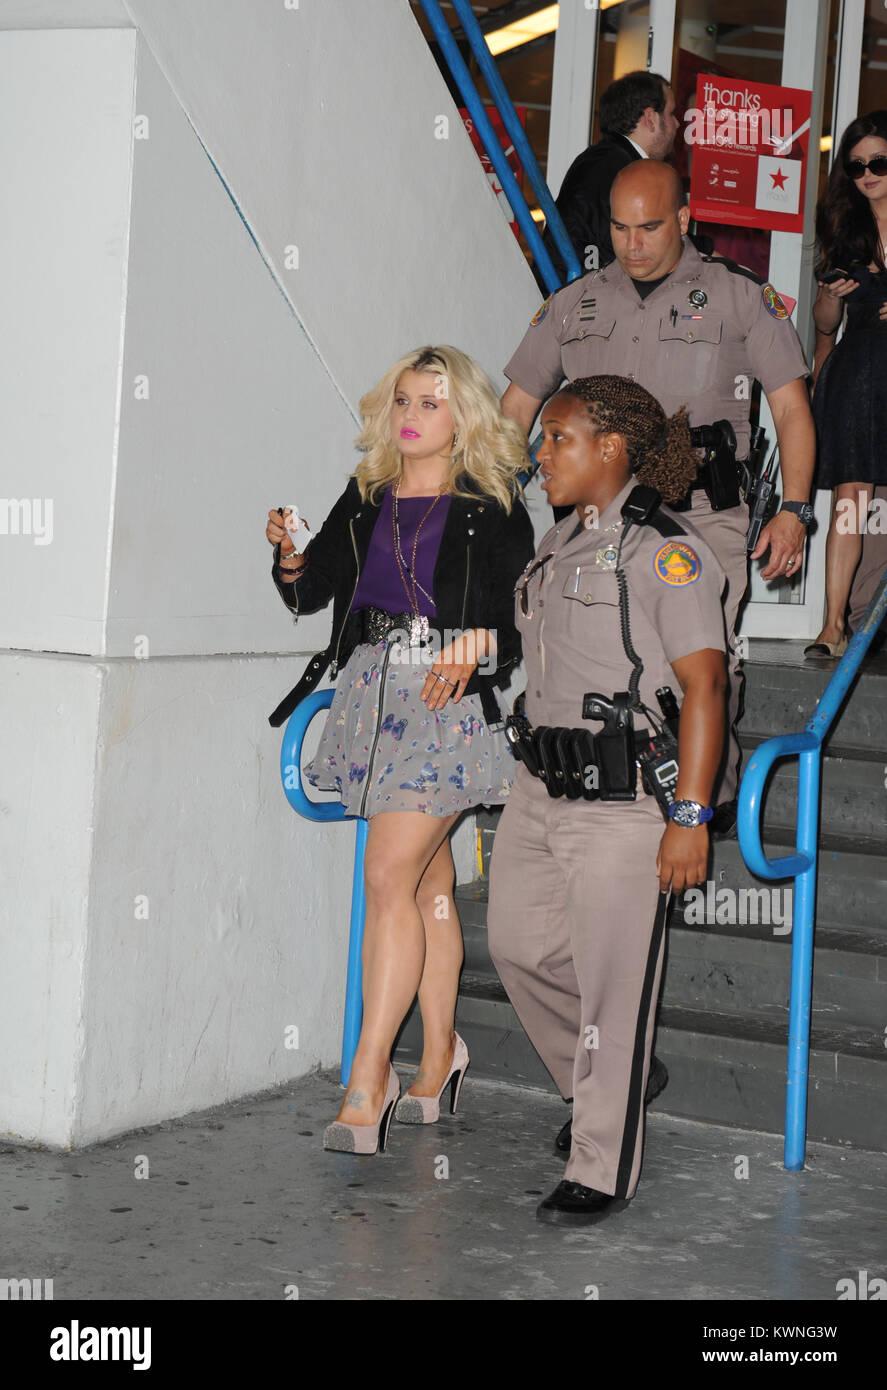 Miami mature escort